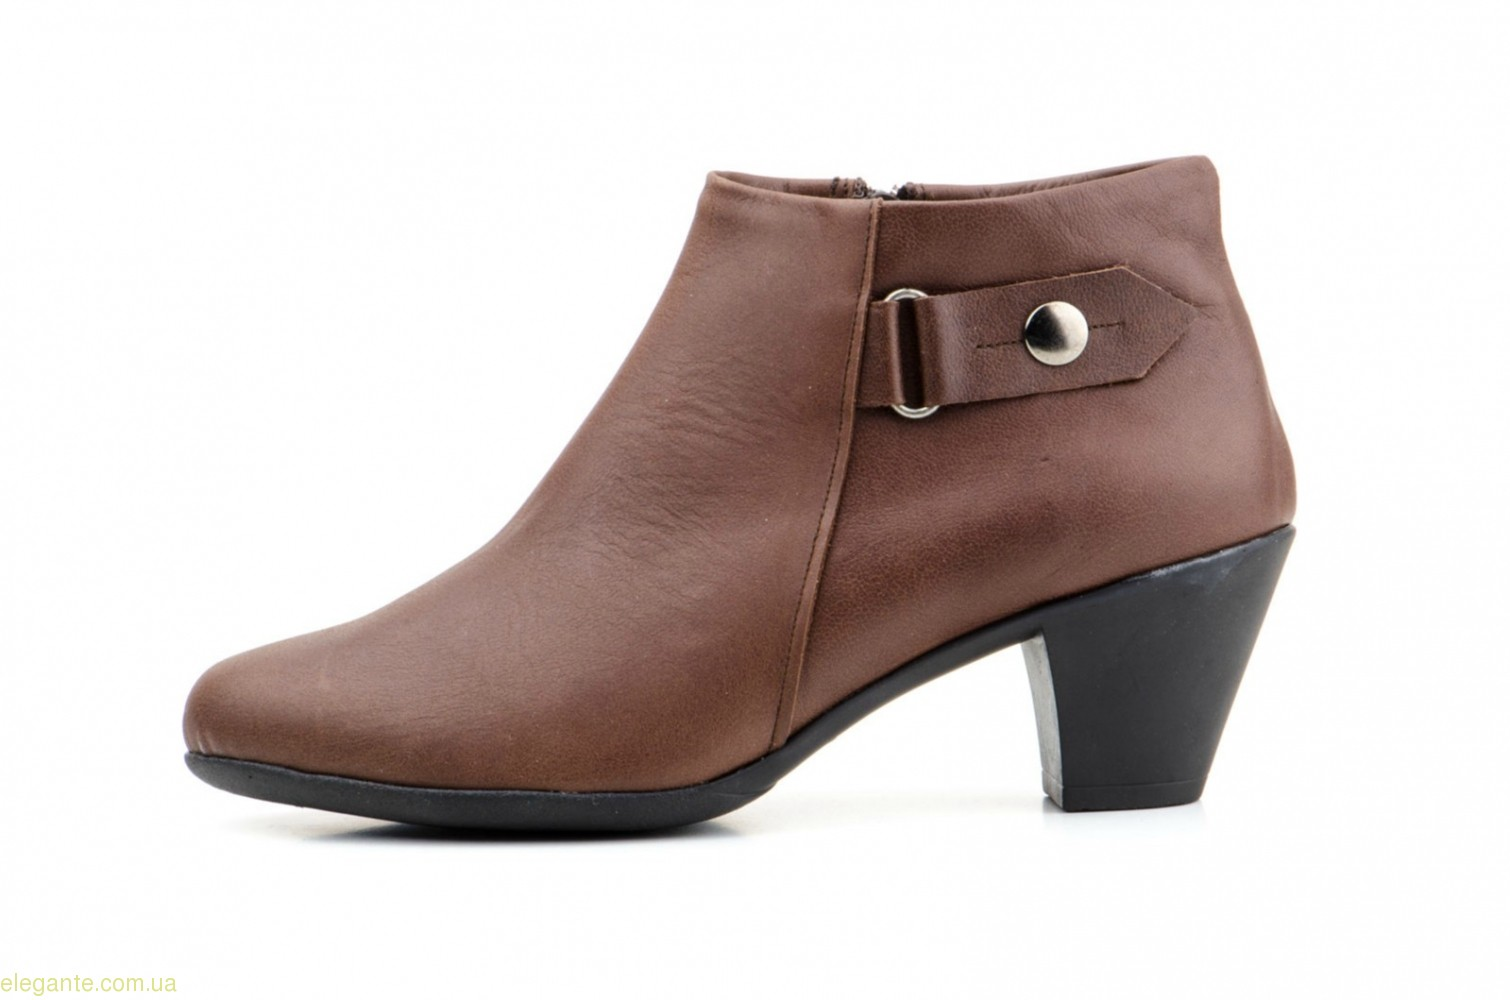 Женские ботинки CUTILLAS2 коричневые 0